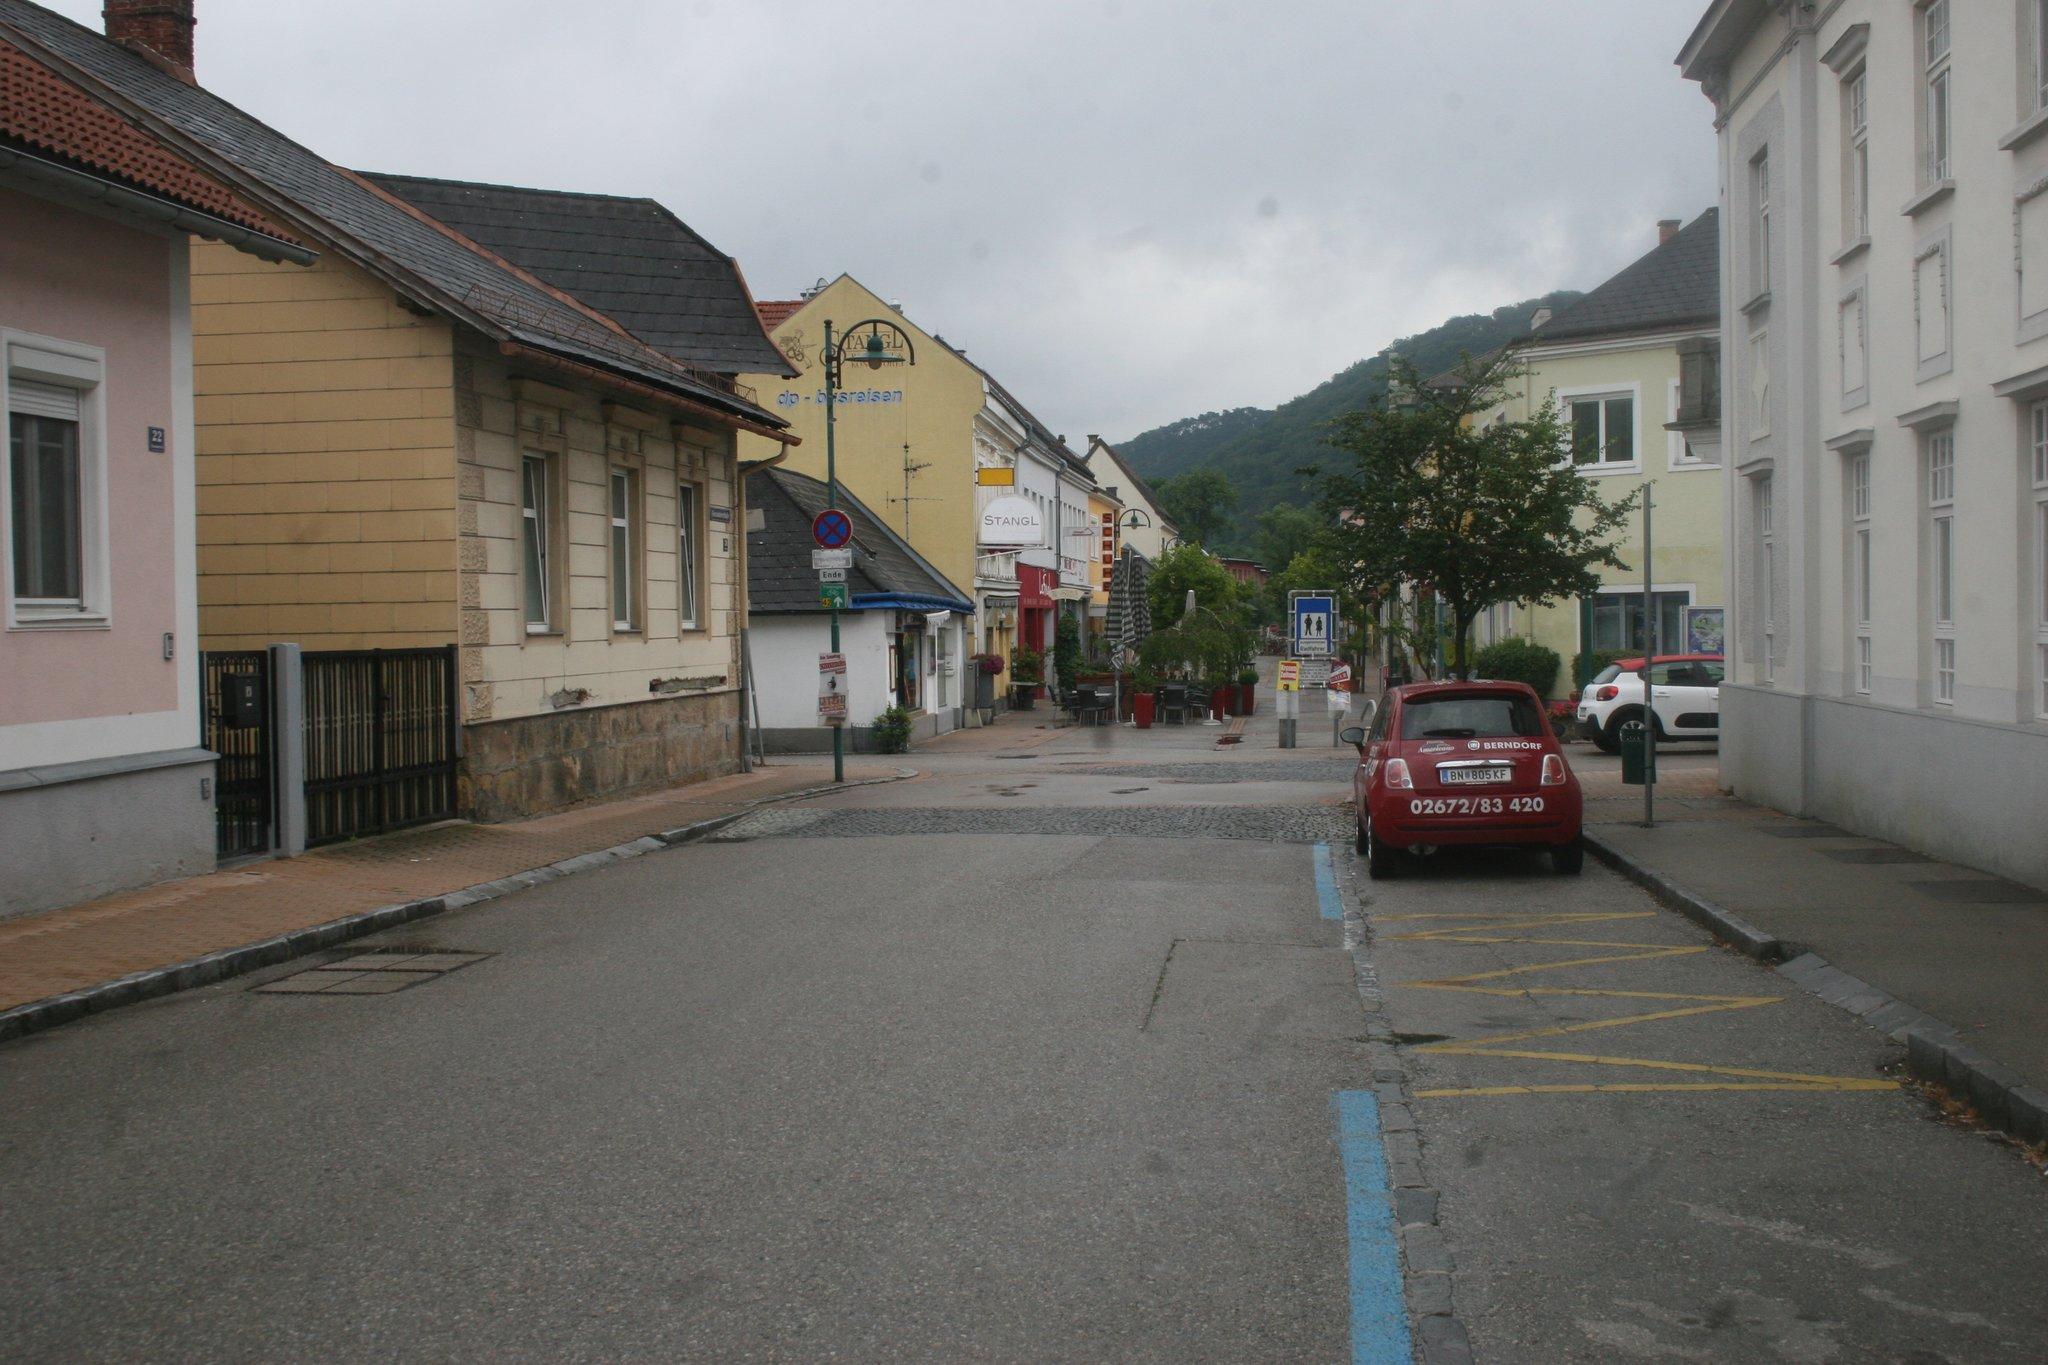 Kontaktanzeigen Berndorf | Locanto Dating Berndorf